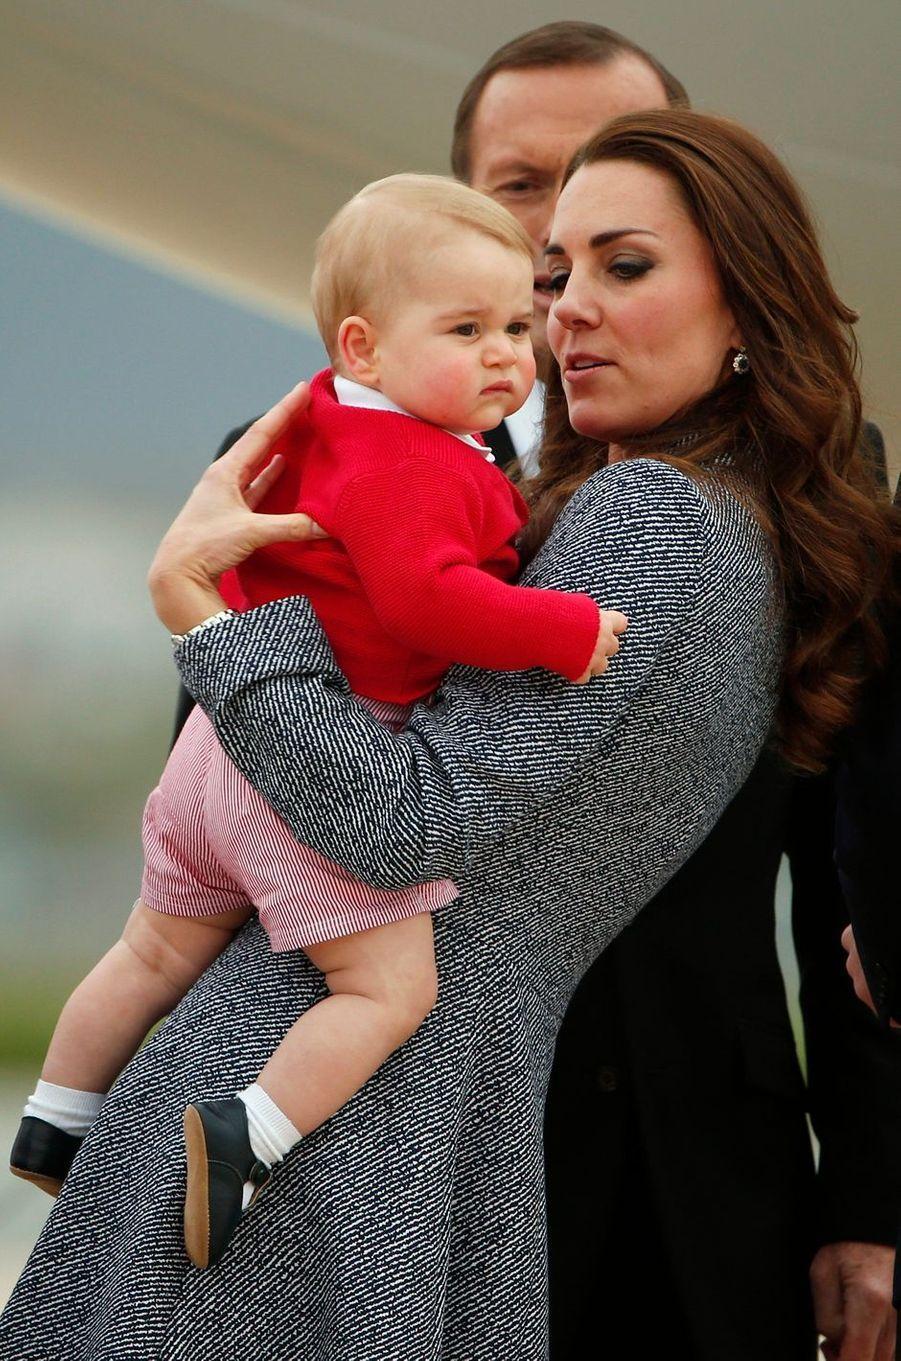 Le prince George, avec sa mère la duchesse Catherine de Cambridge, à Canberra en Australie le 25 avril 2014